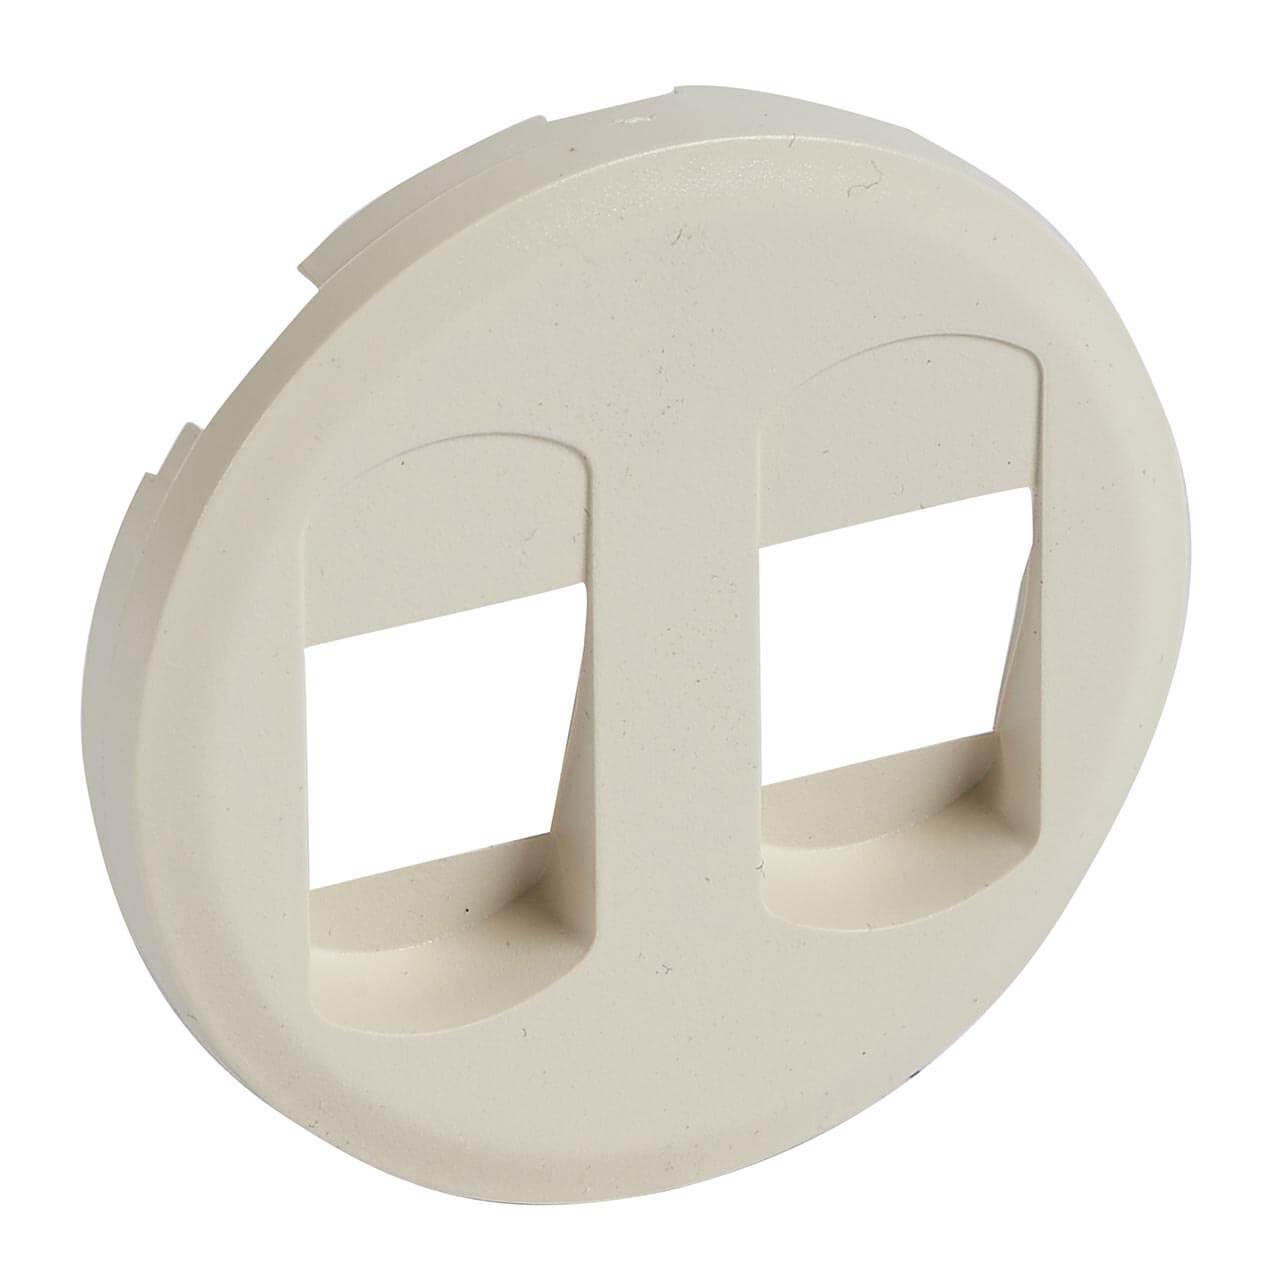 цены Лицевая панель Legrand Celiane розетки акустической двойной слоновая кость 066241